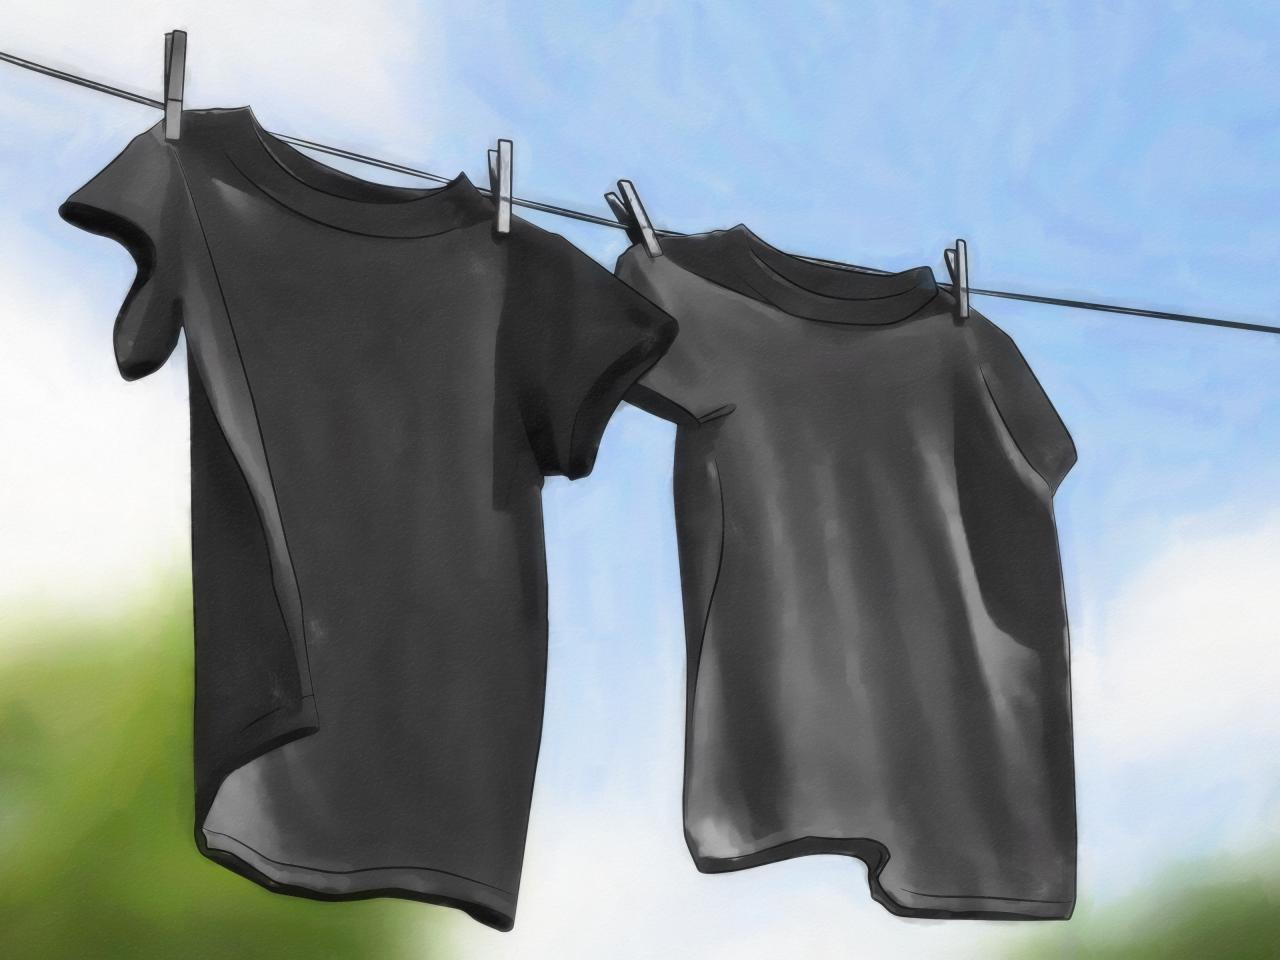 صور كيفية صبغ الملابس السوداء بالشاي , اسهل الطرق لتغير لون الملابس وصبغها بالشاى